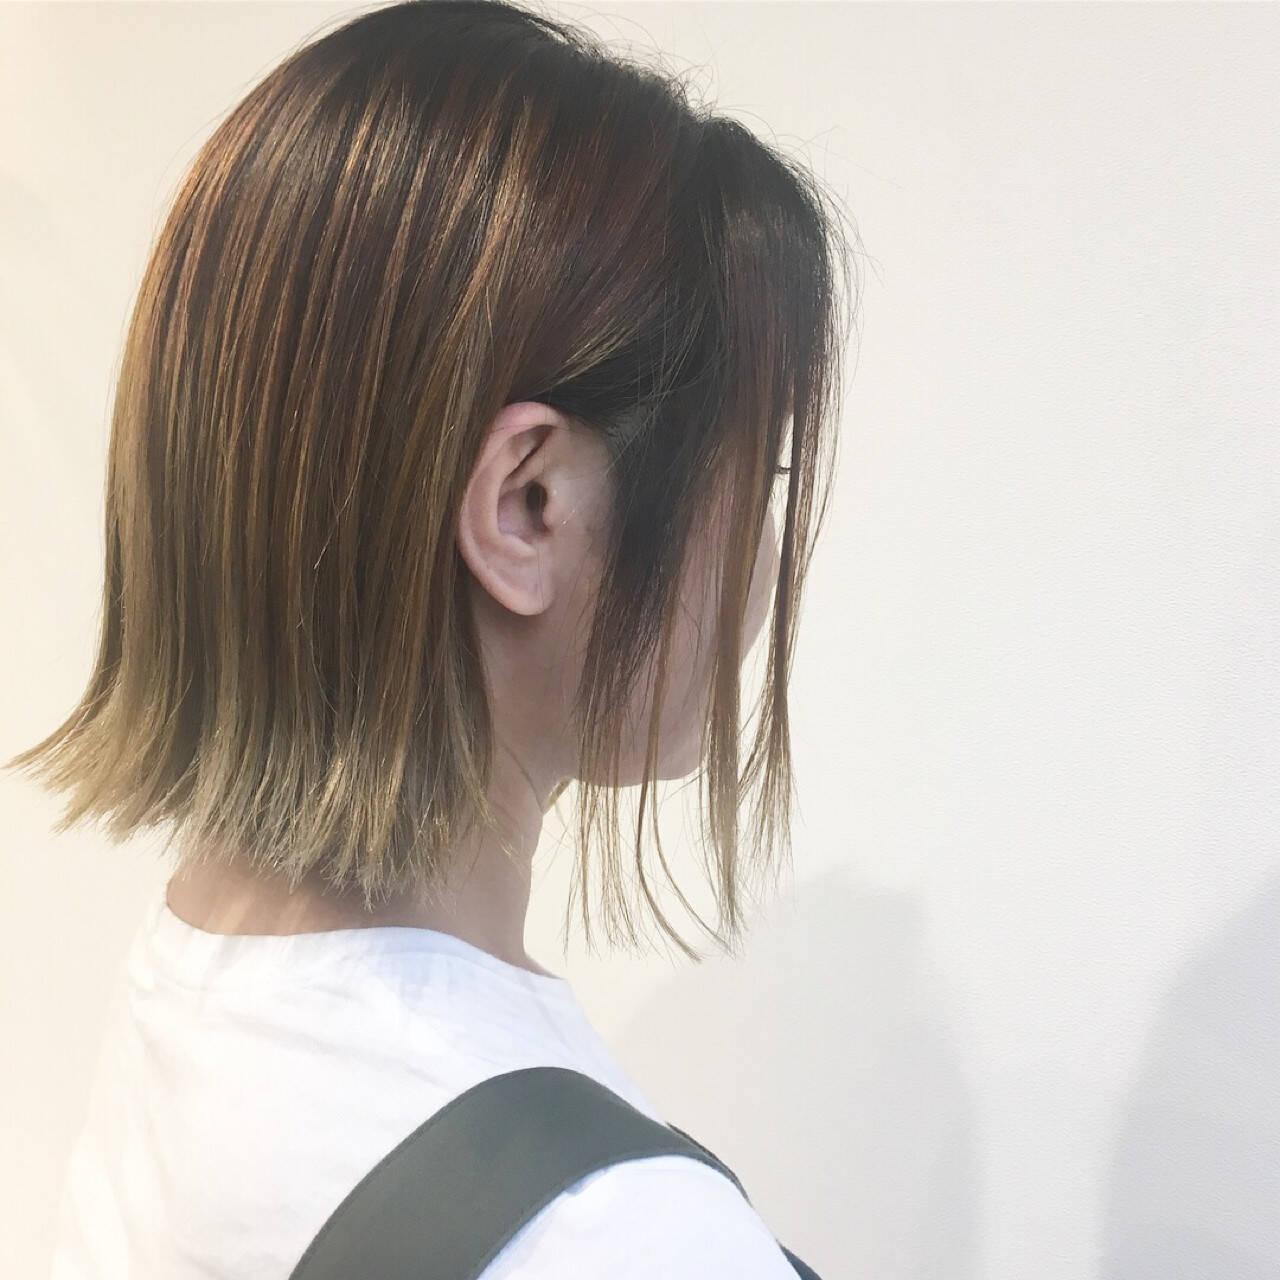 ボブ 外国人風 ストリート バレイヤージュヘアスタイルや髪型の写真・画像